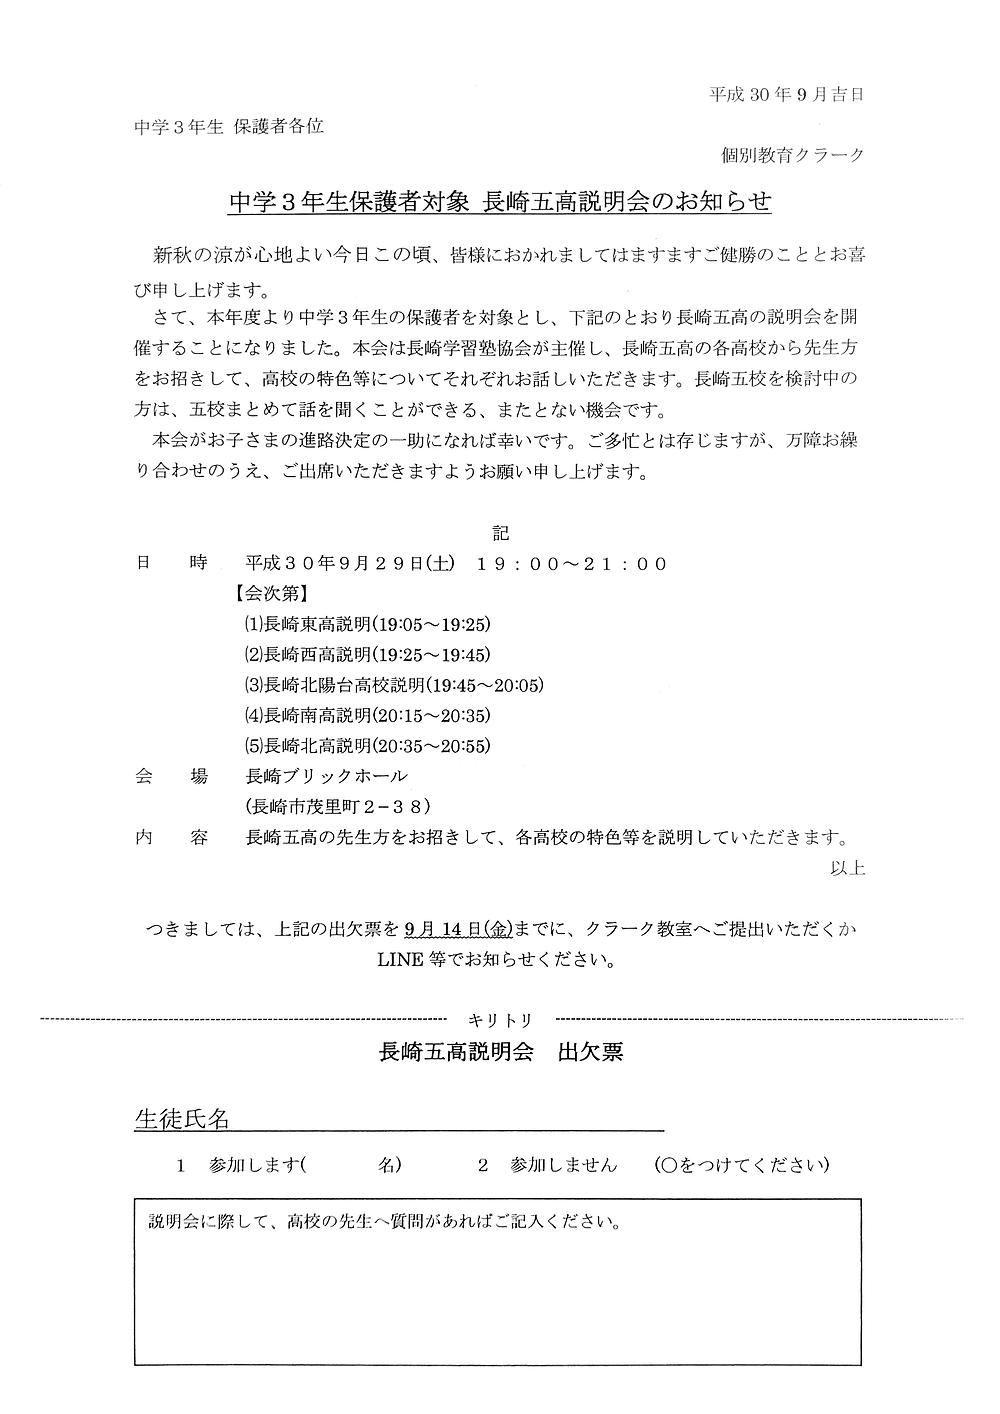 長崎五校説明会